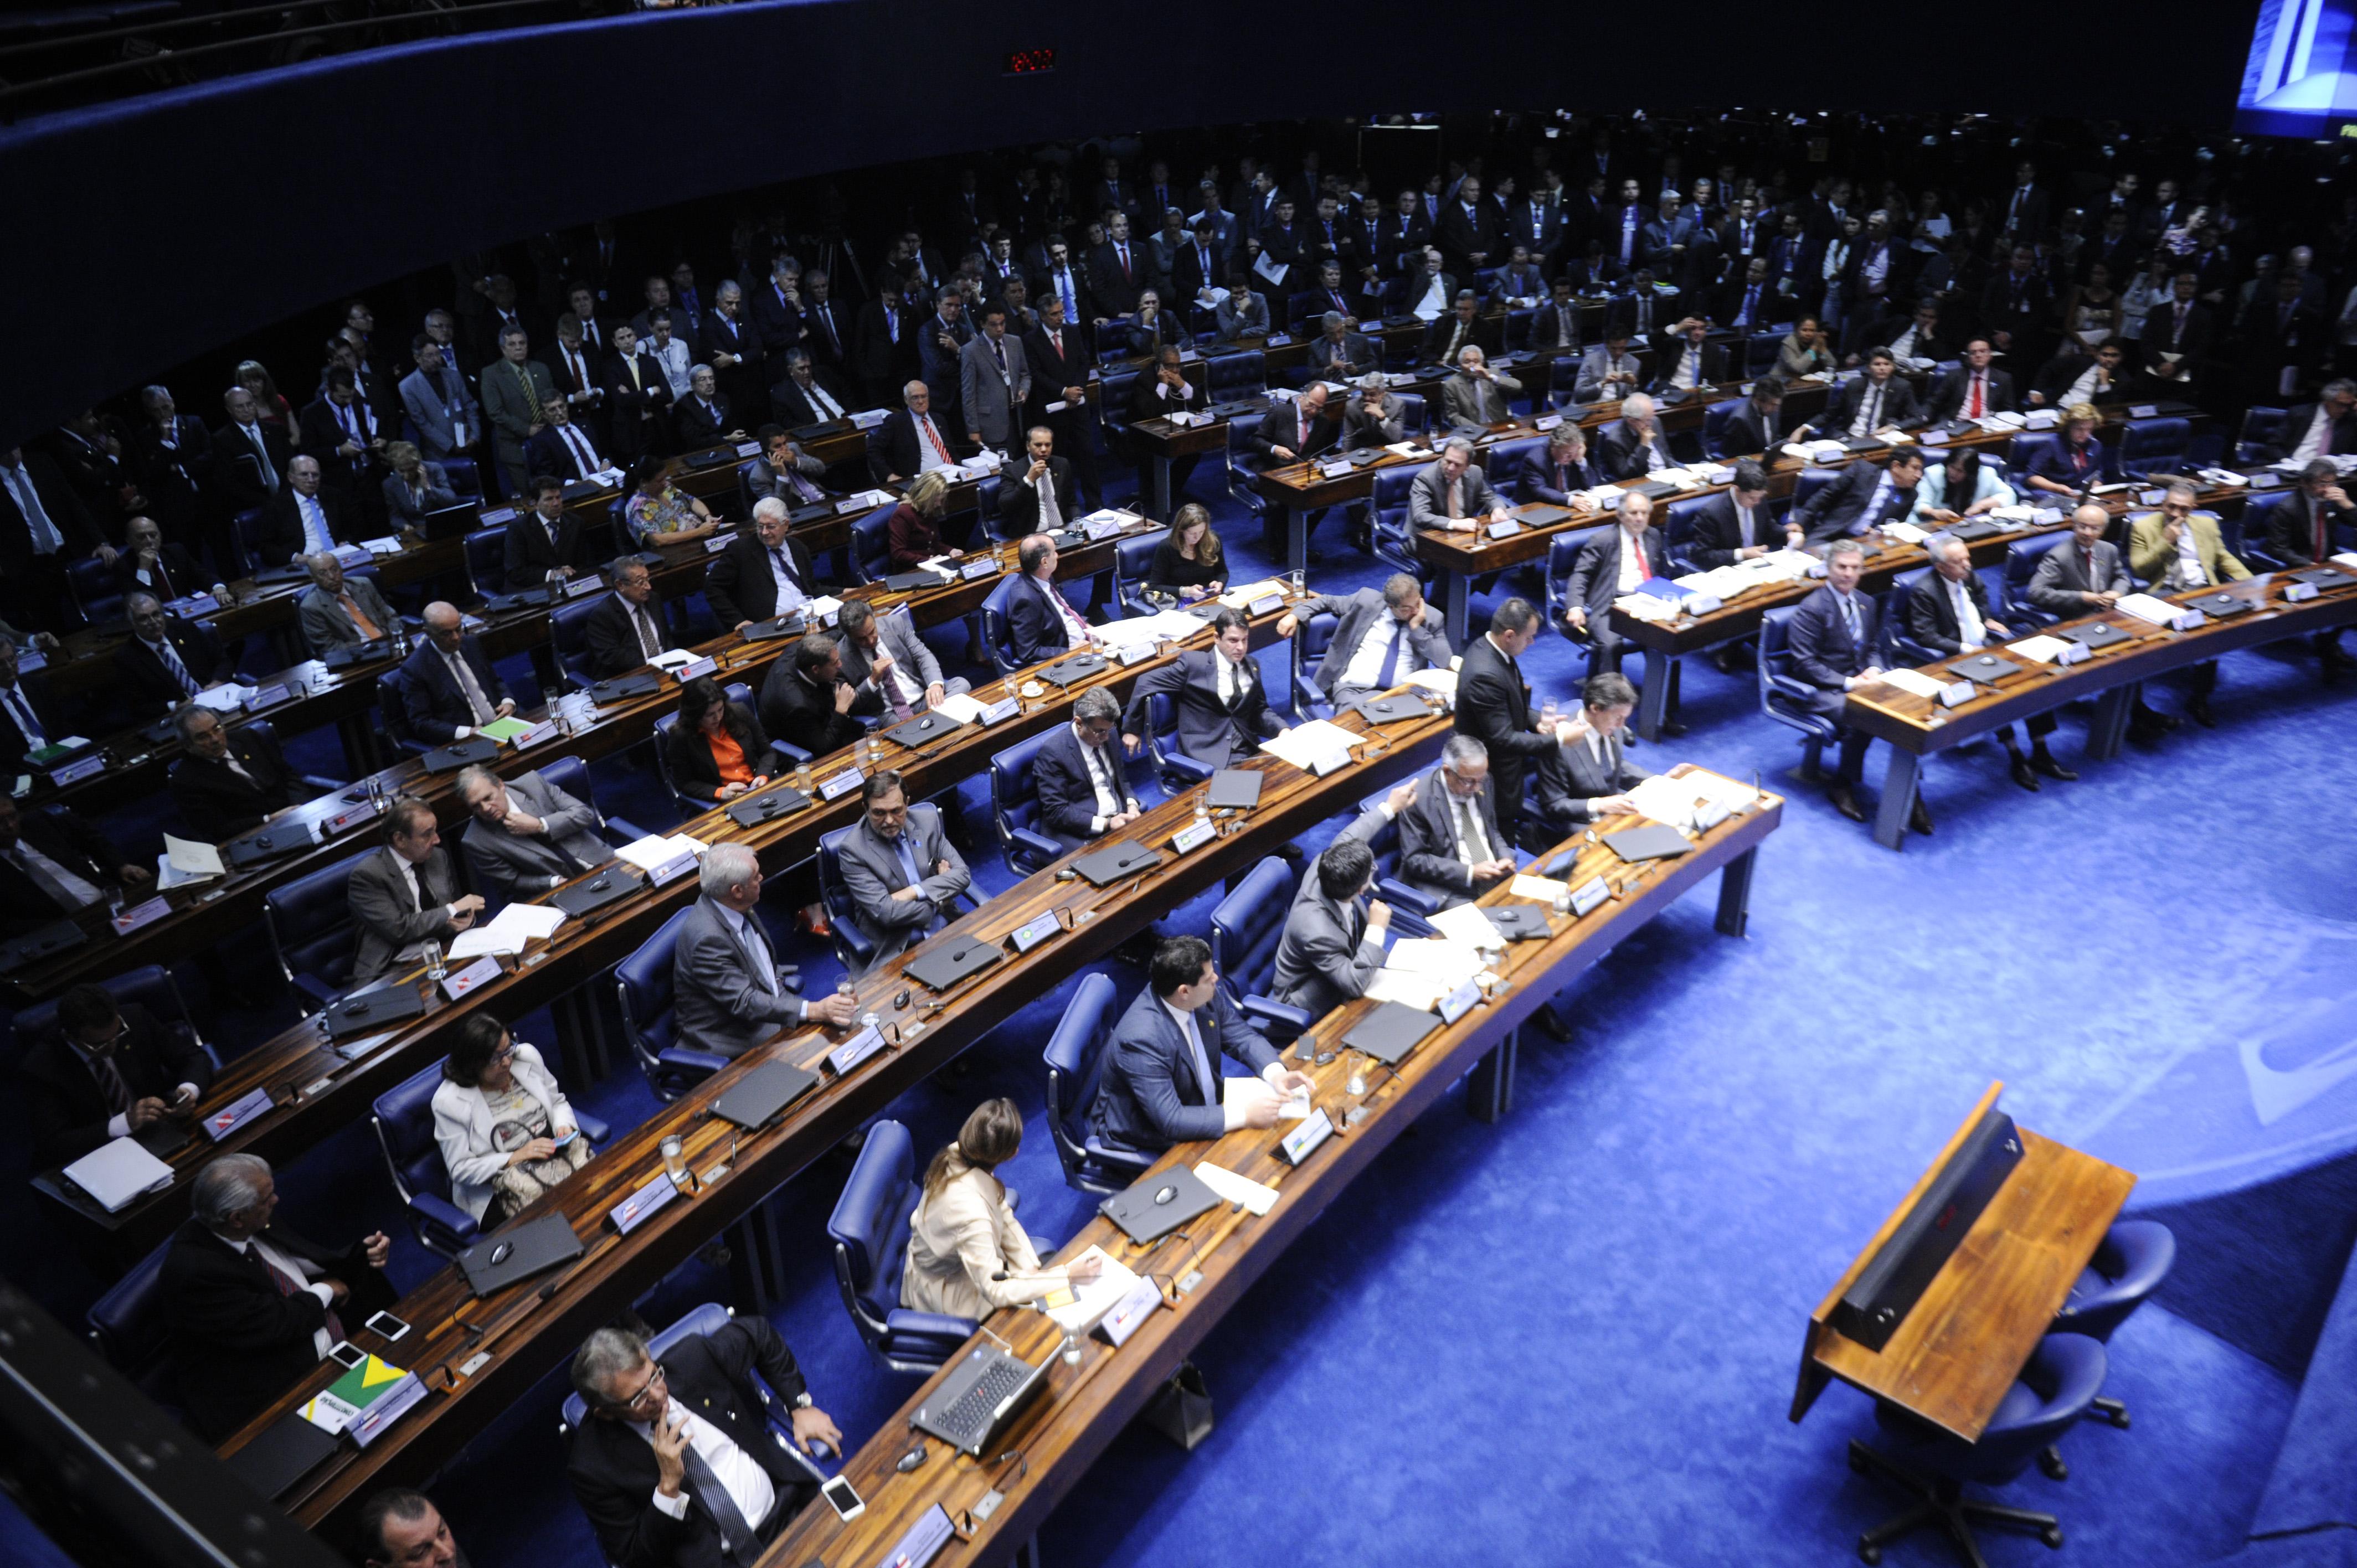 Plenário do Senado durante sessão deliberativa extraordinária destinada à votação sobre a prisão do senador Delcídio do Amaral (PT-MS).   Foto:  Jefferson Rudy/Agência Senado